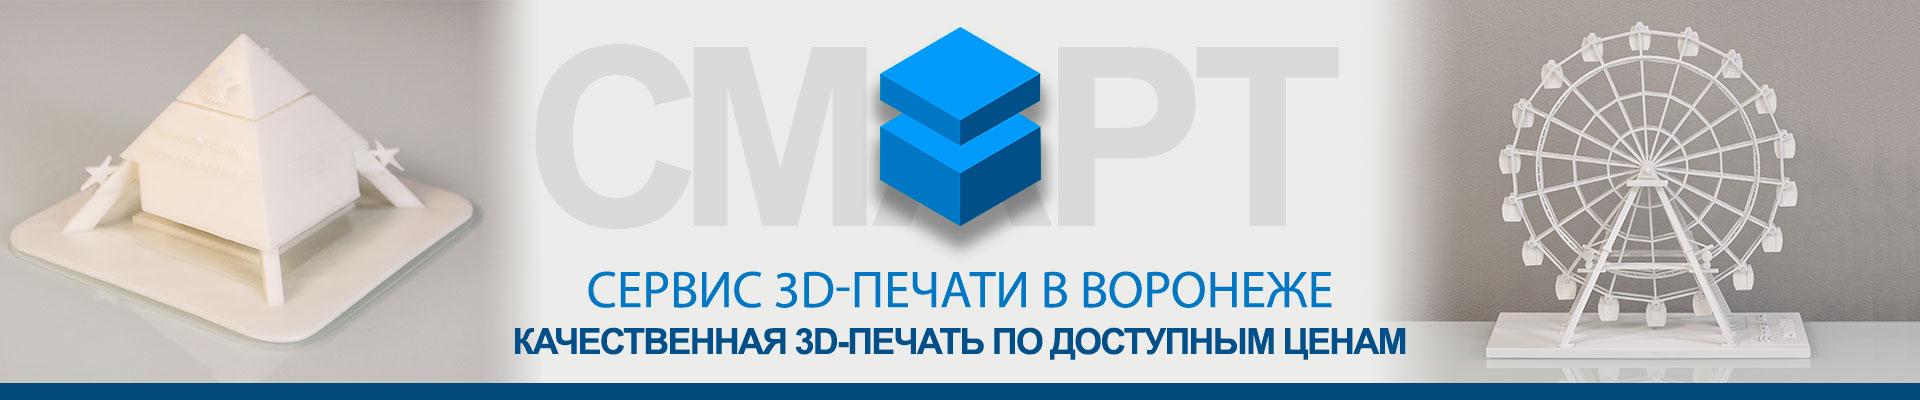 Сервис 3D-печати 3D Smart